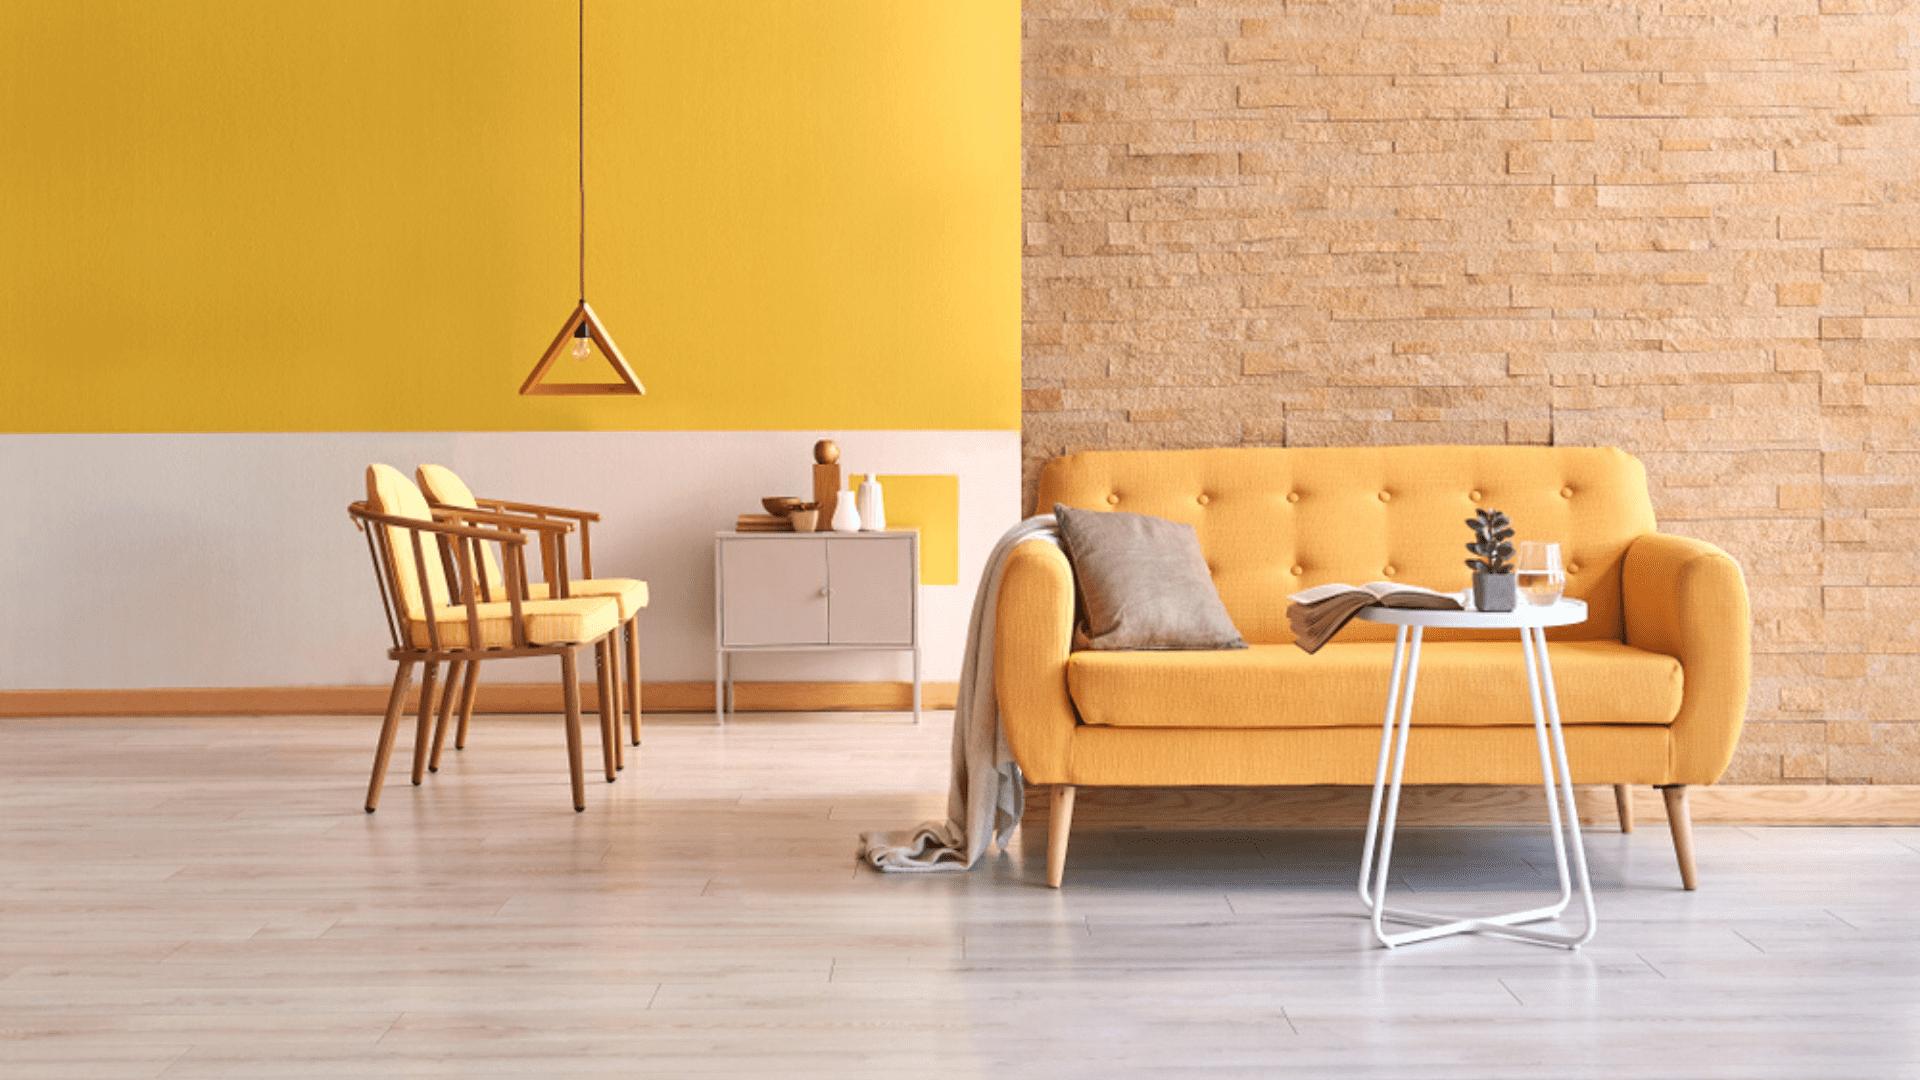 Comece a pintar a sua meia parede pelos detalhes (Imagem: Reprodução/Shutterstock)